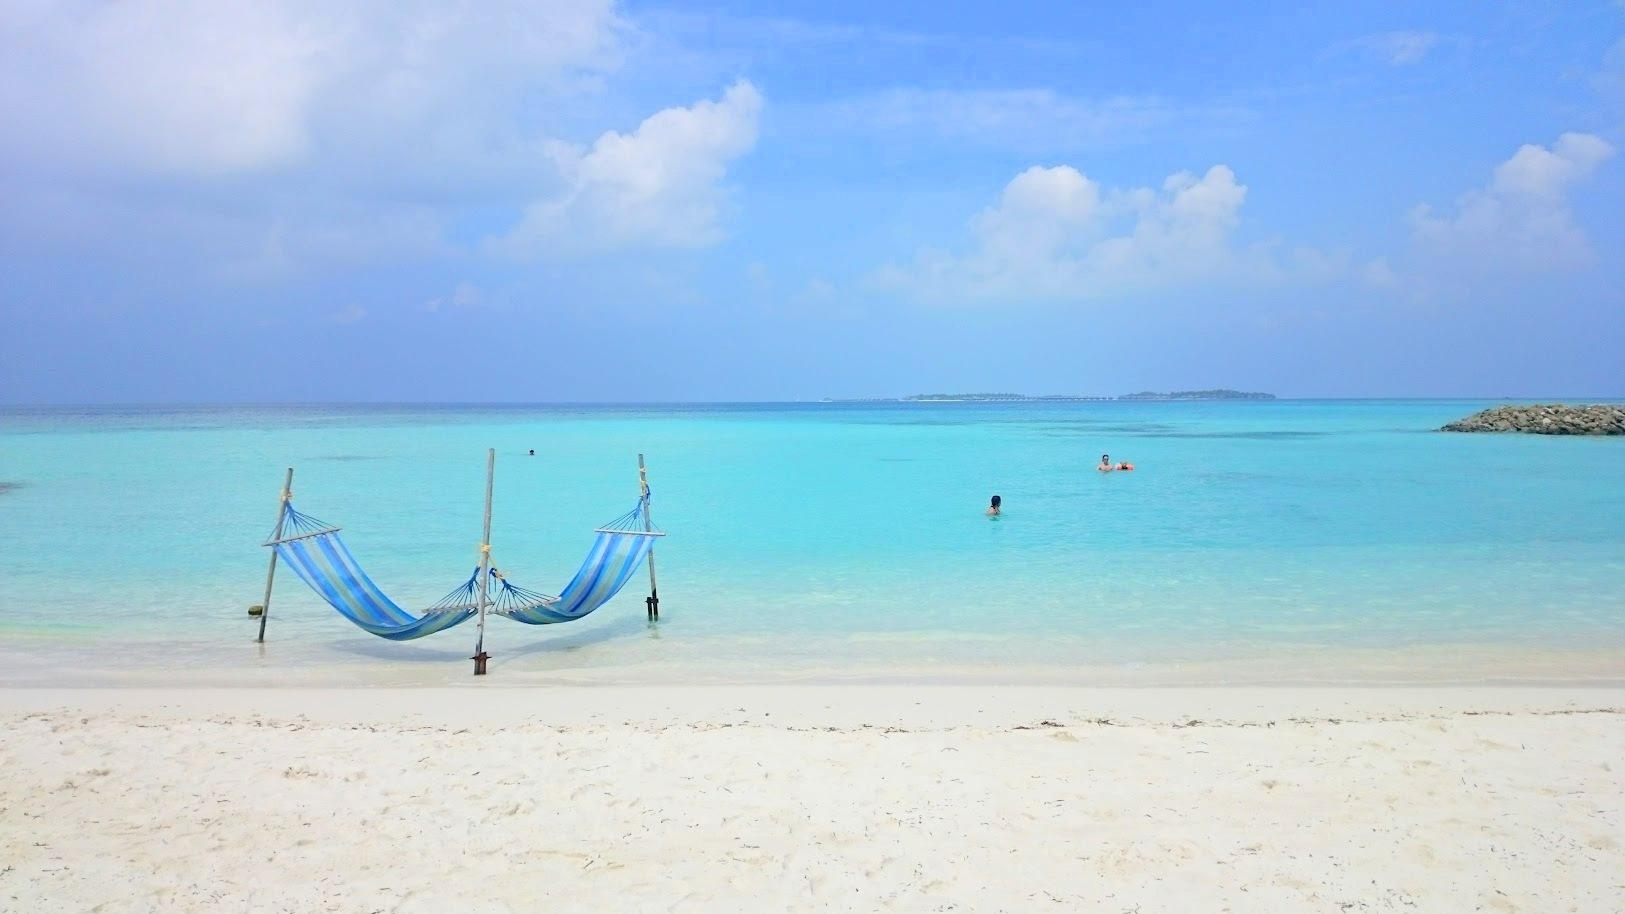 Bikini beach Maafushi edullisesti malediiveille kokemuksia